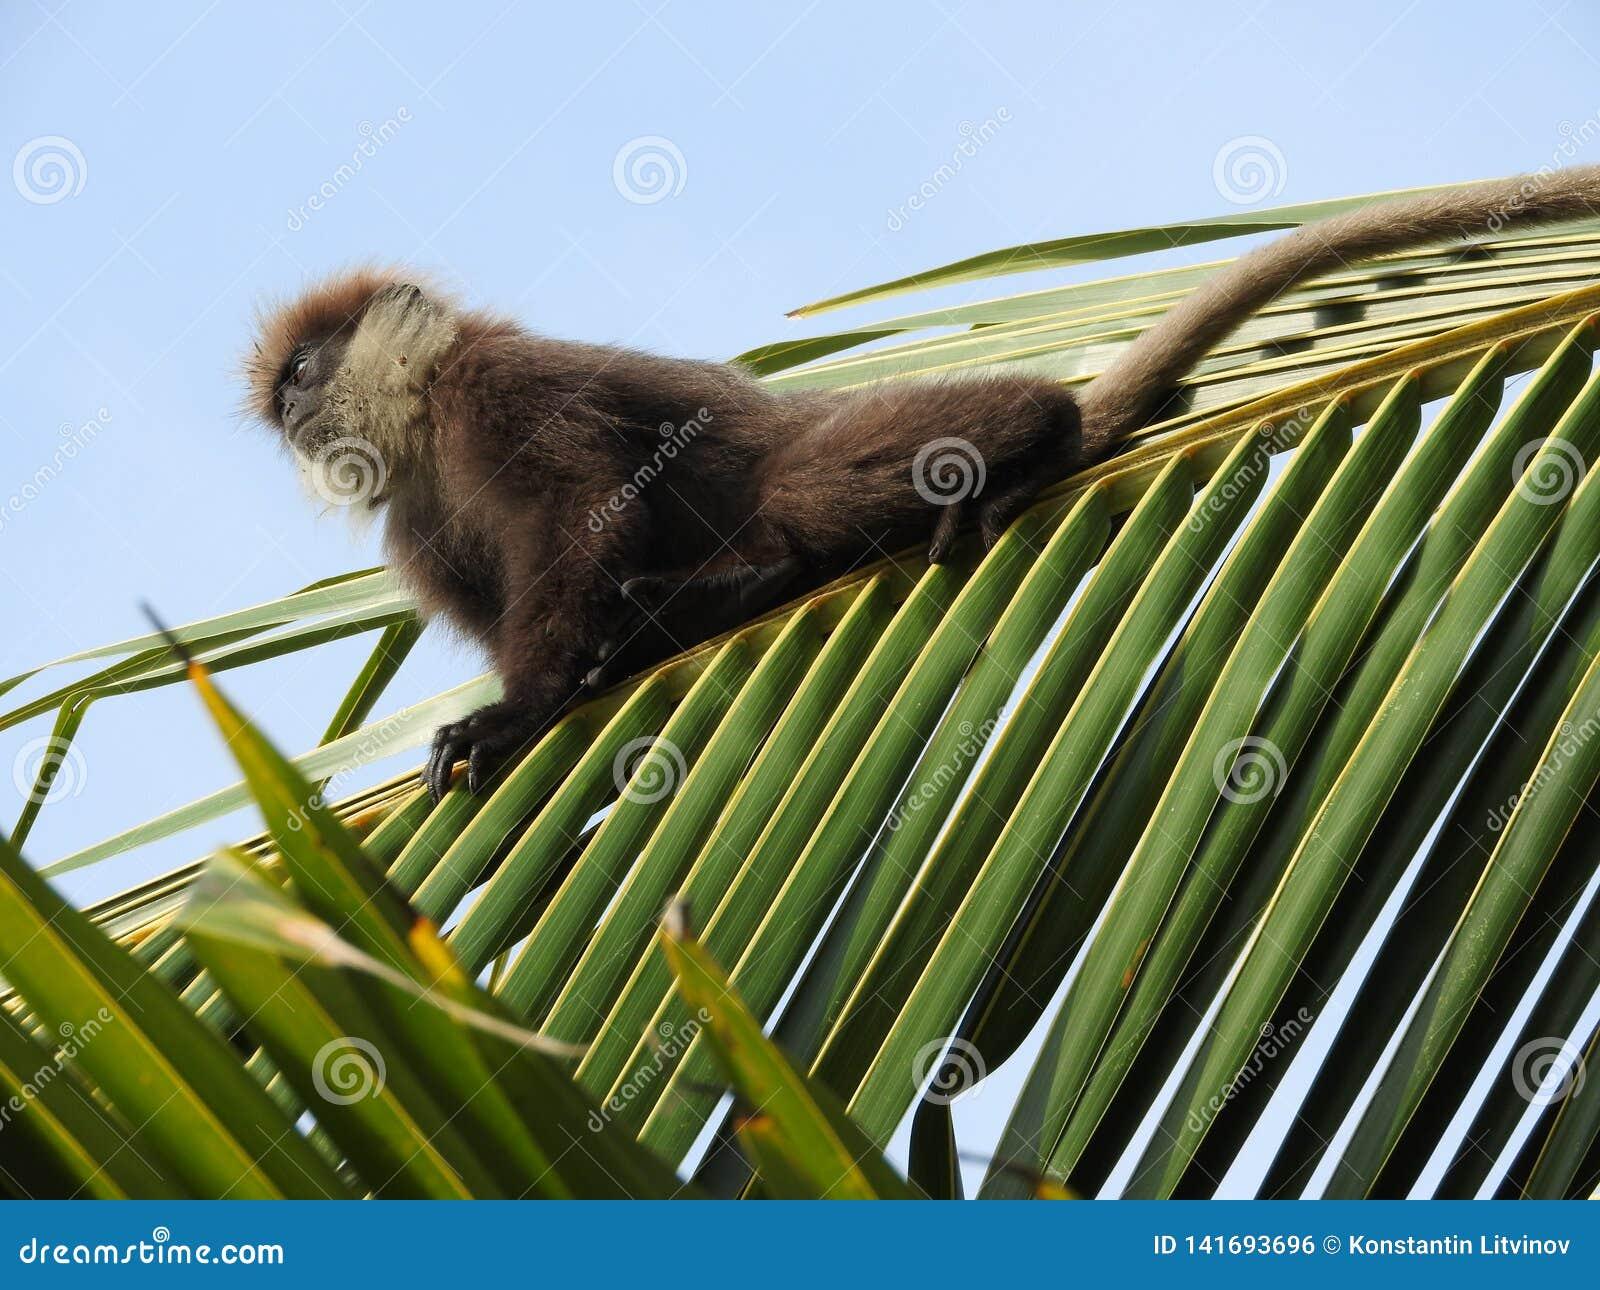 Purpurrot-gesichtige Langurs, moter und Baby, sitzend auf einer KokosnussPalme im natürlichen Lebensraum in Sri Lanka